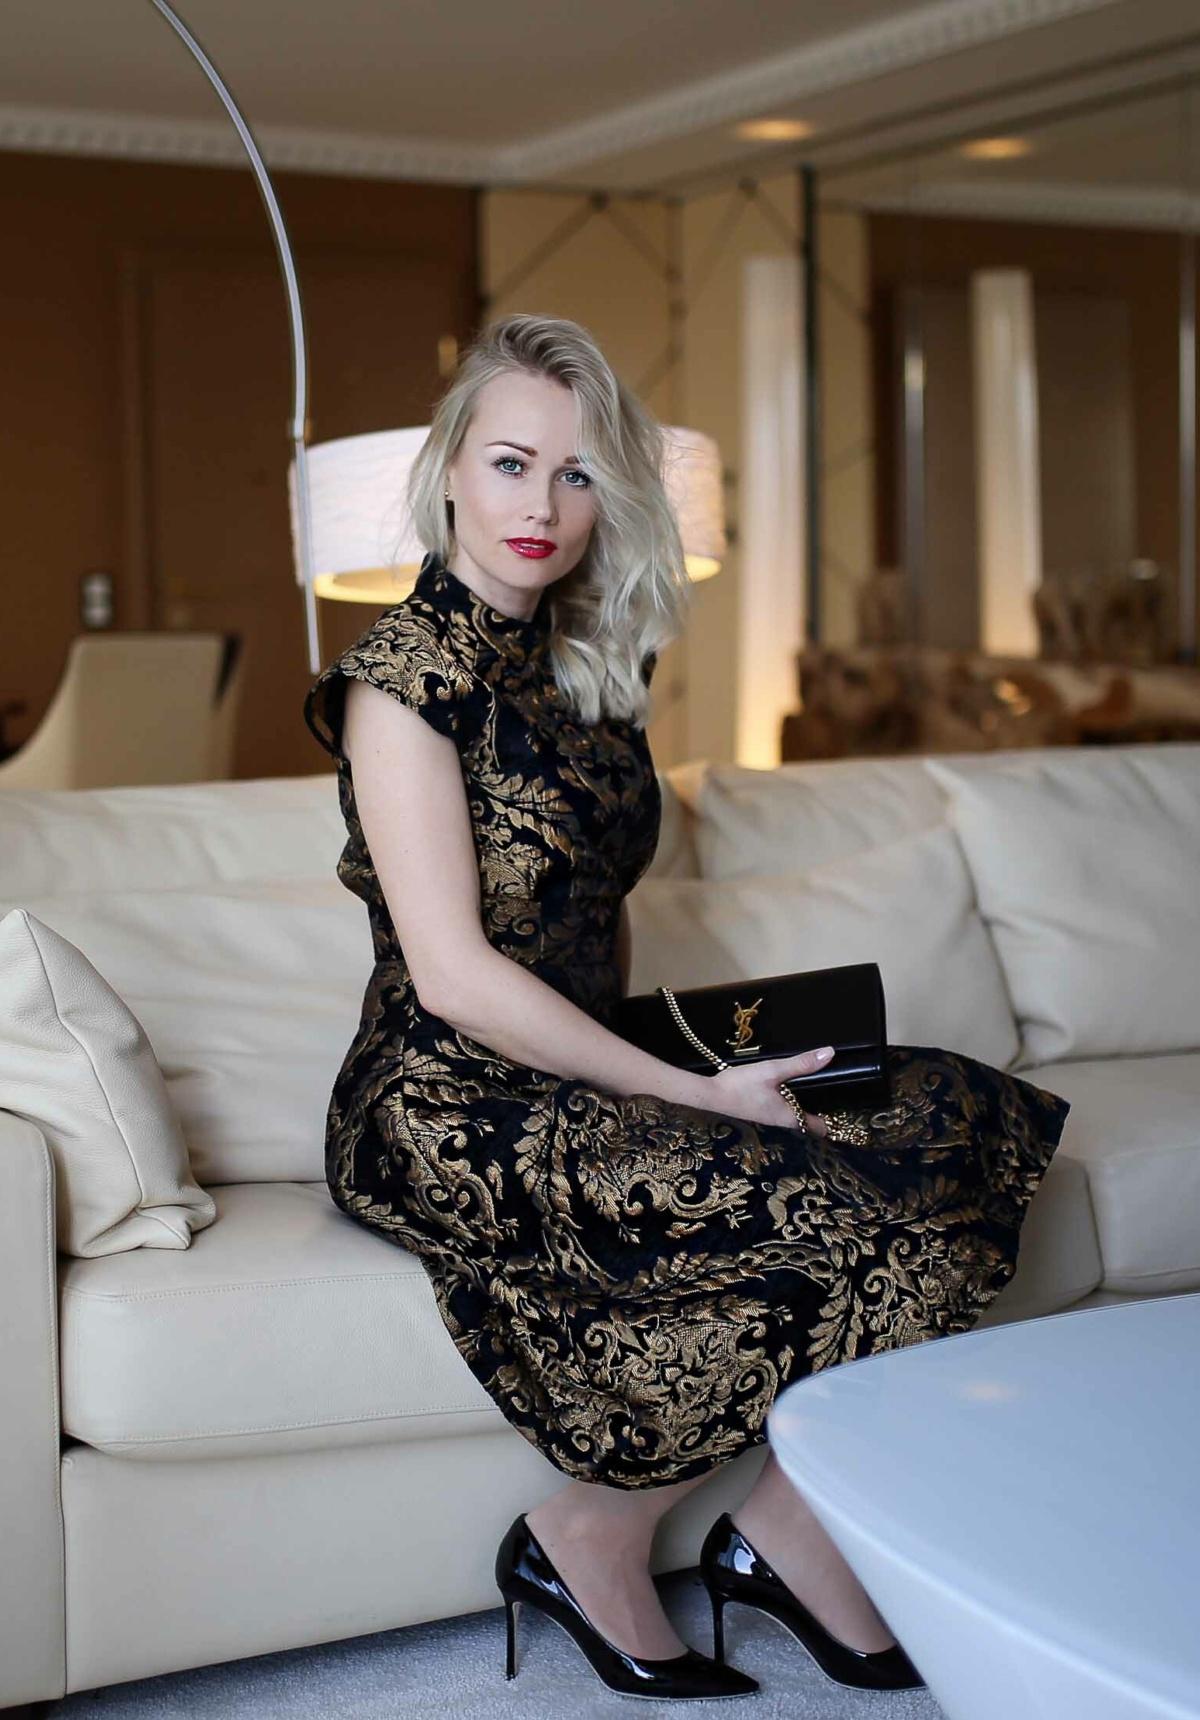 stylingliebe-lifestyleblogger-fashionblog-muenchen-styleblog-munich-blogger-deutschland-fashionblogger-bloggerdeutschland-lifestyleblog-rueckblick-schwangerschaft-ein-brief-an-dich-3